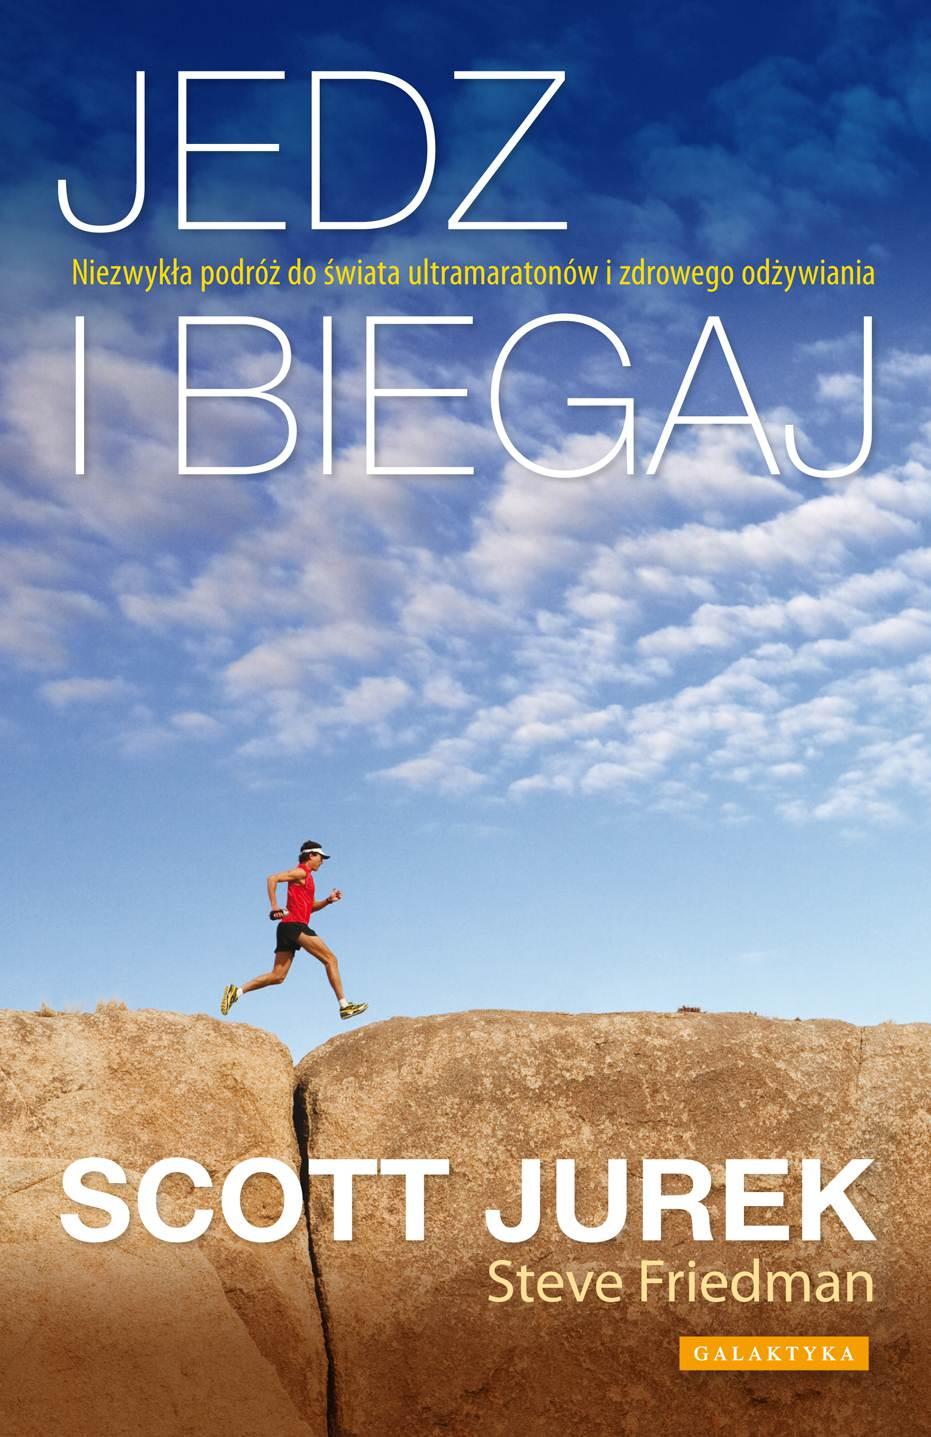 Jedz i biegaj - Ebook (Książka na Kindle) do pobrania w formacie MOBI